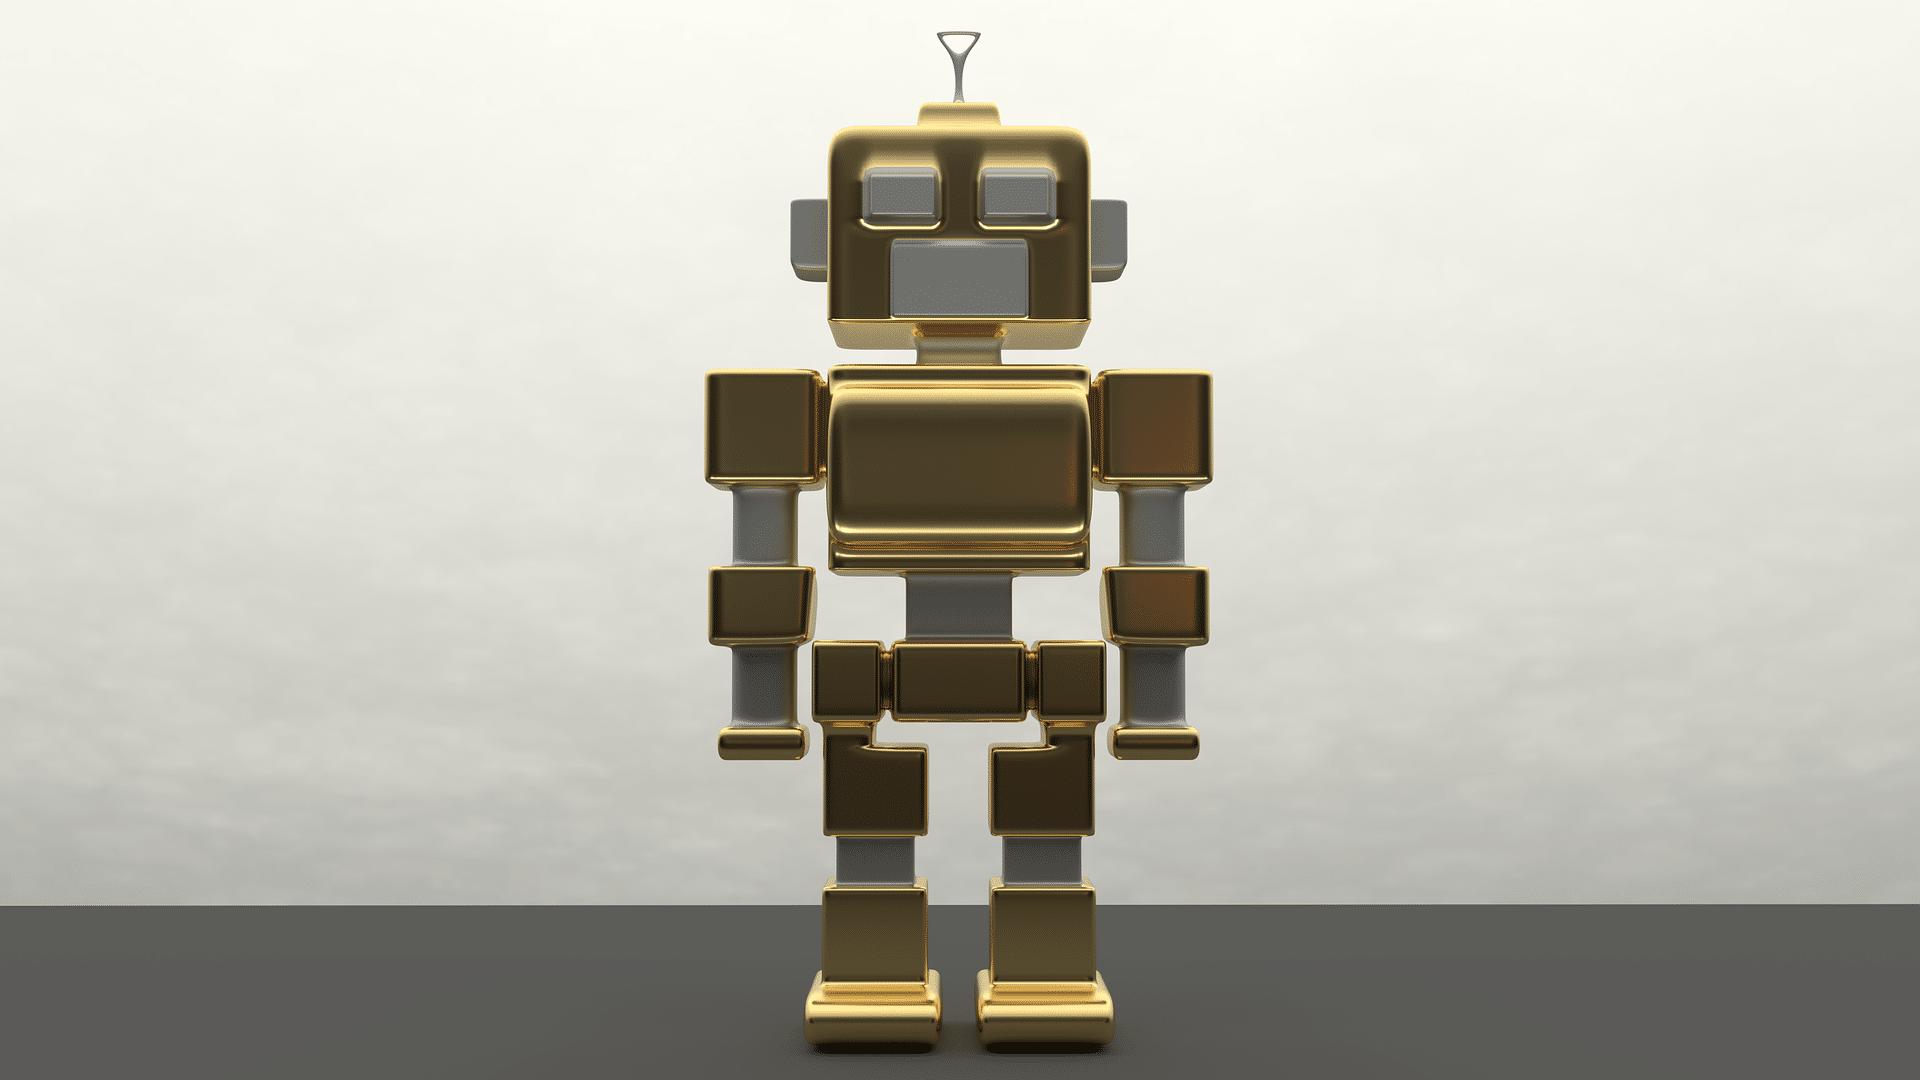 A gold robot